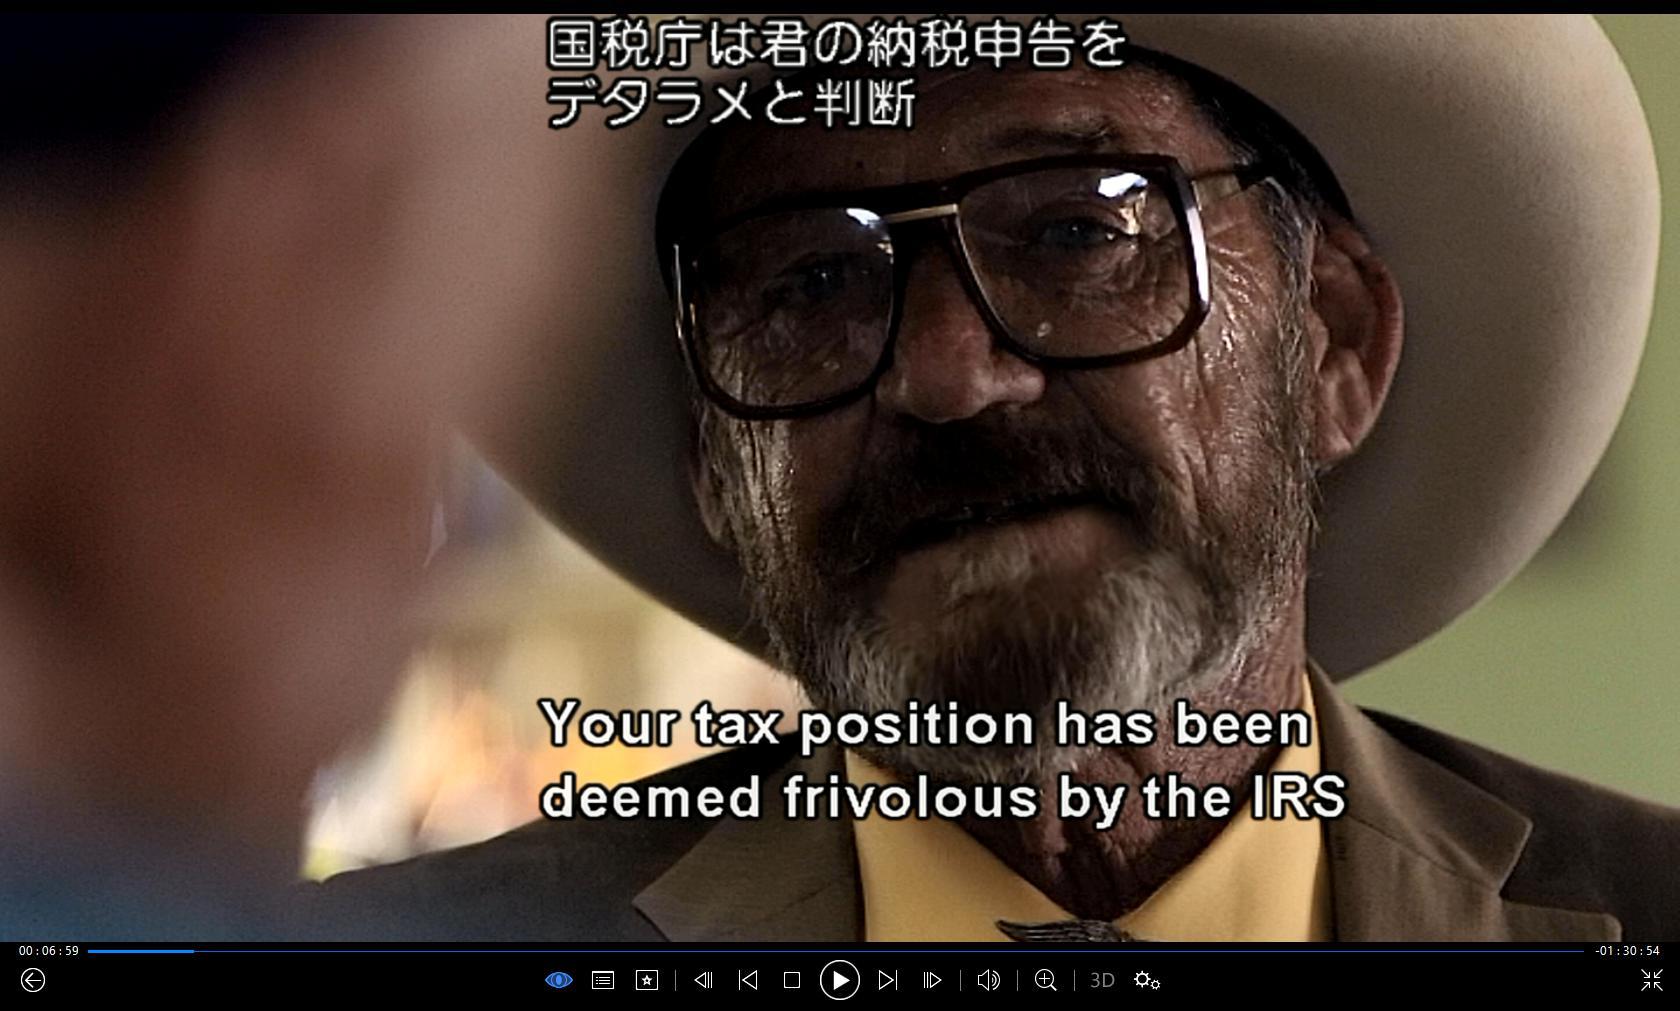 「トレマーズ コールドヘル 」より(from、improbable、predator、Evacなど)